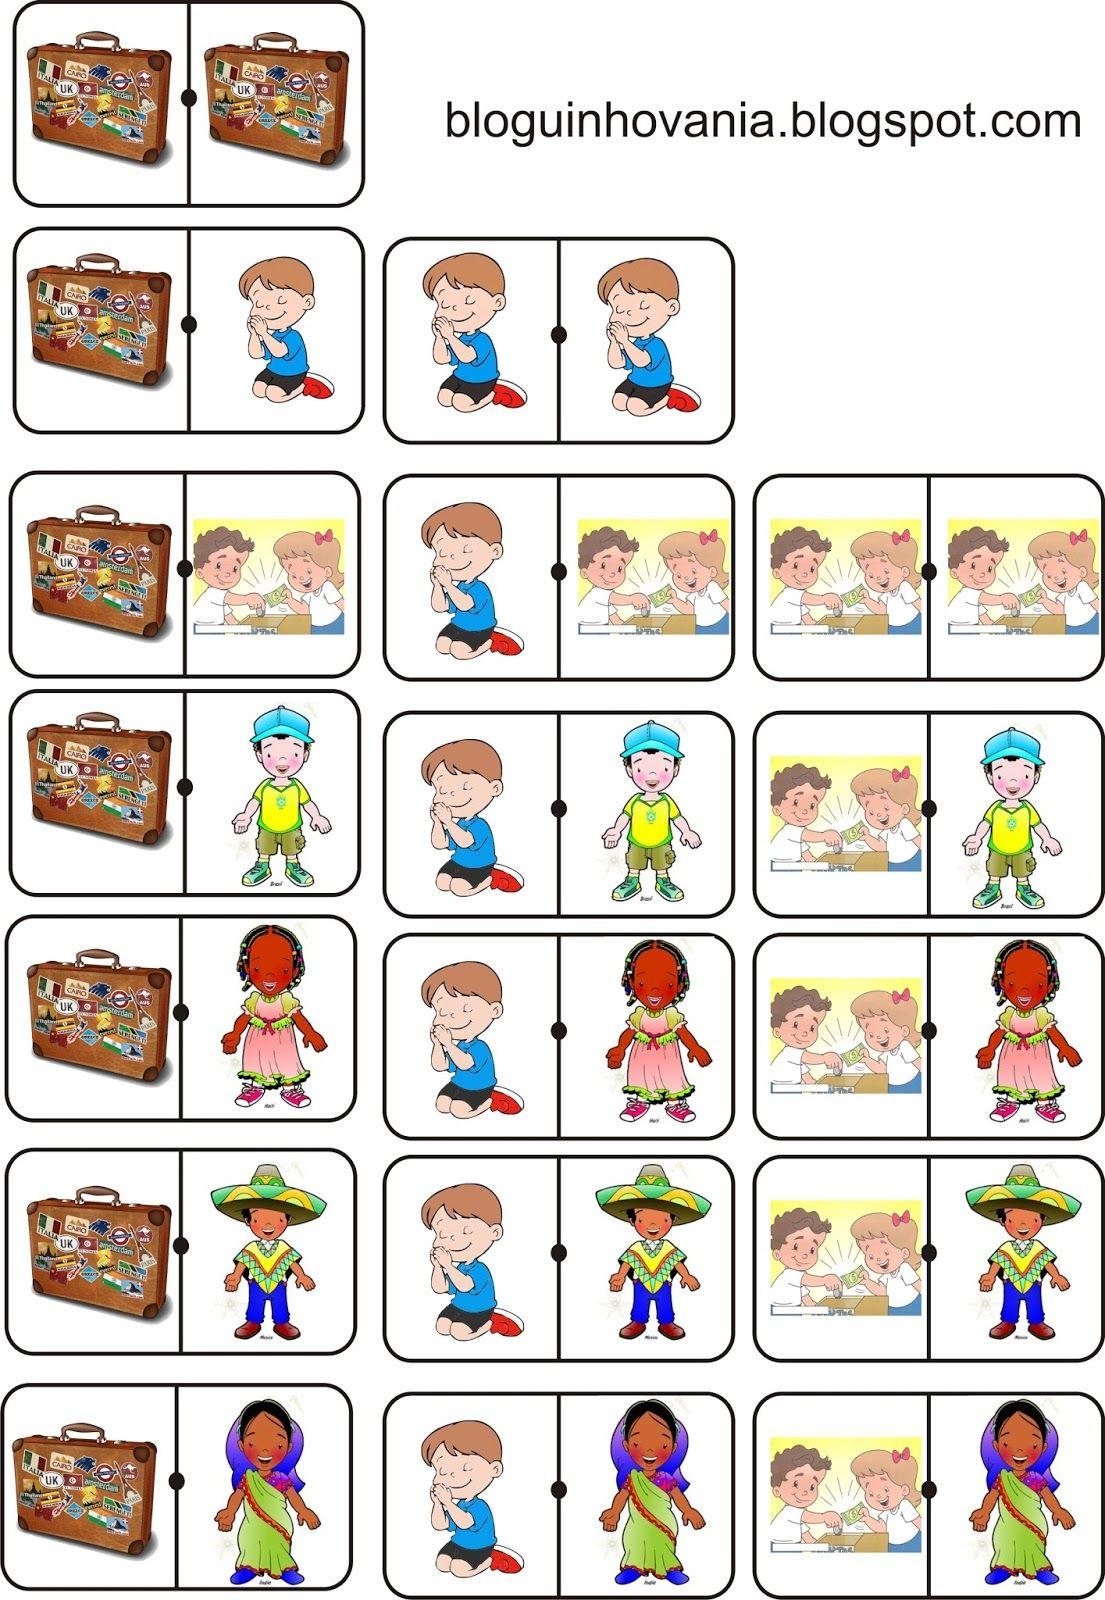 Bloguinho Da Vania Domino Tema Missoes Atividades Biblicas Infantil Atividades Da Biblia Para Criancas Louvor Infantil